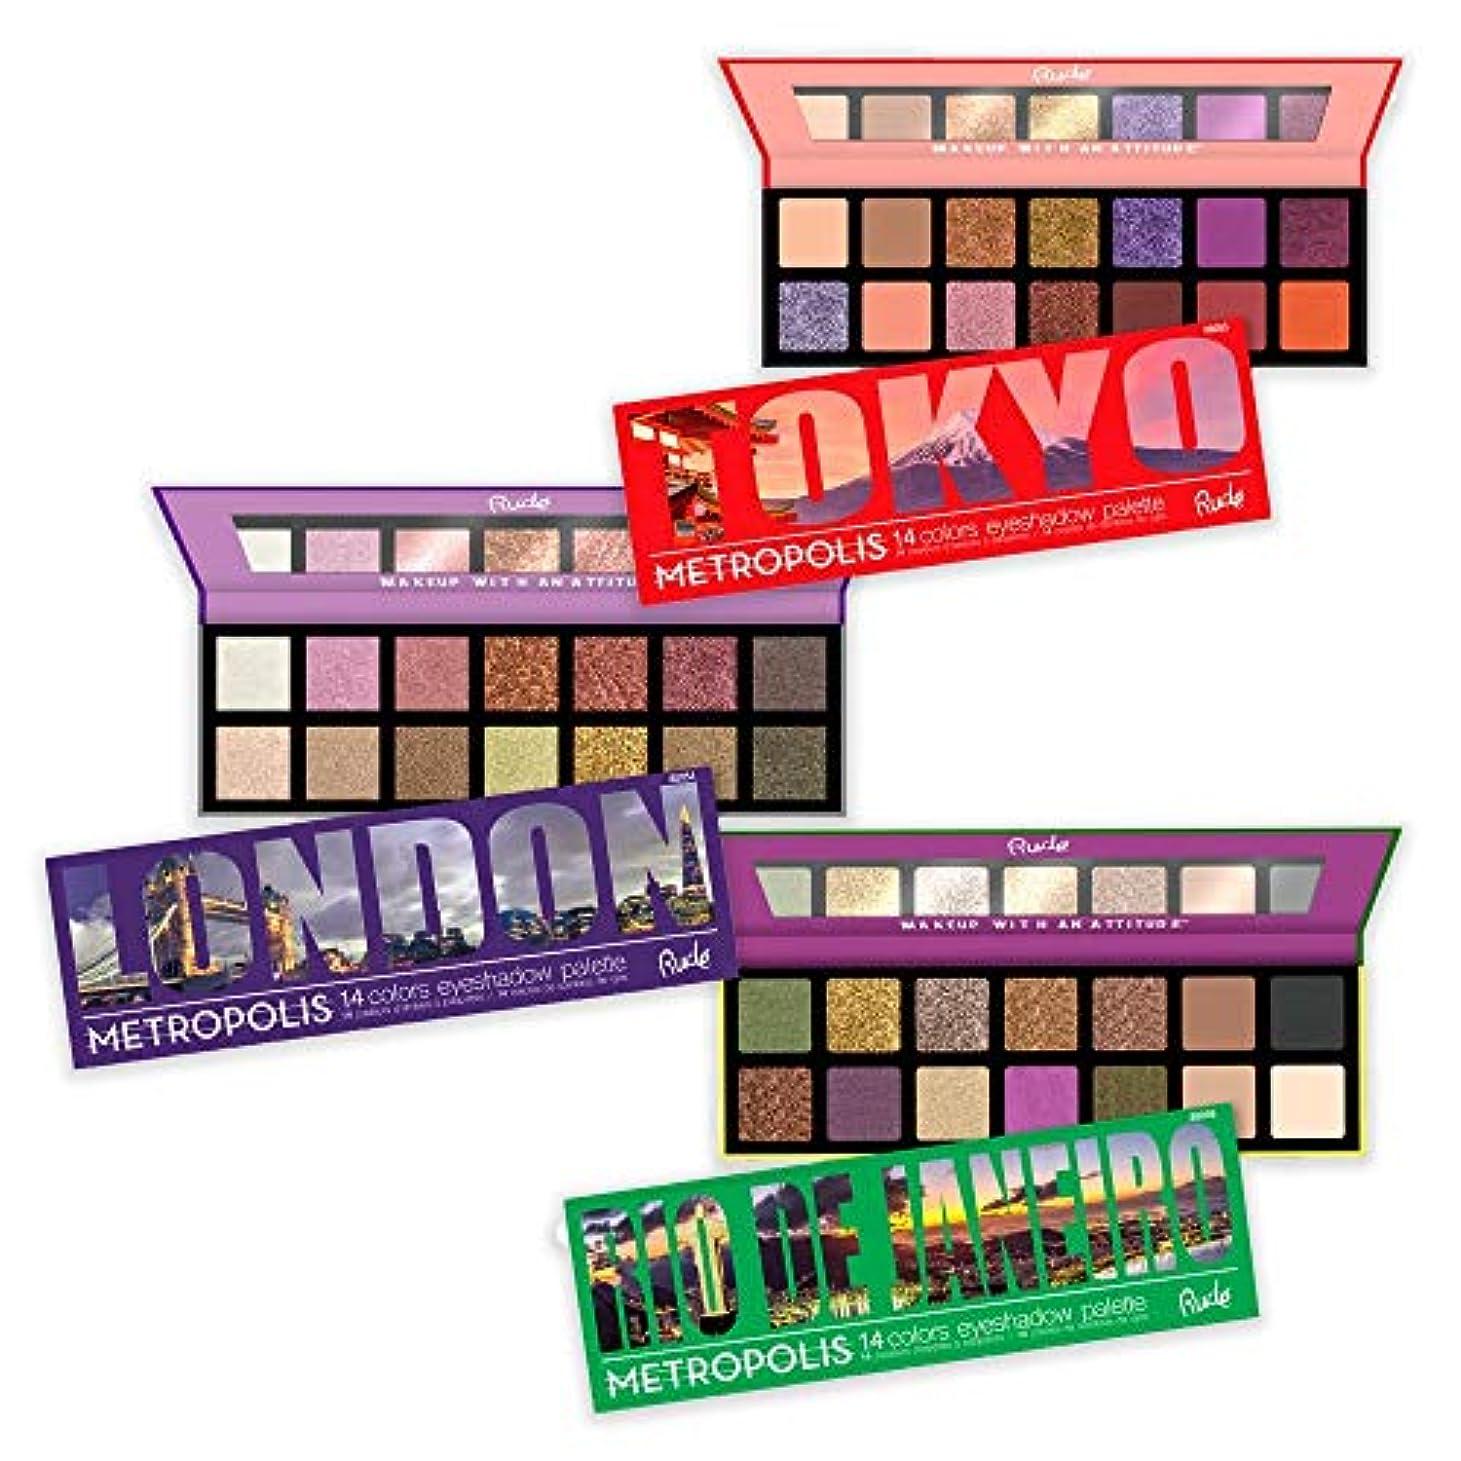 過敏な健全増強RUDE Metropolis 14 Color Eyeshadow Palette (BUNDLE) (並行輸入品)